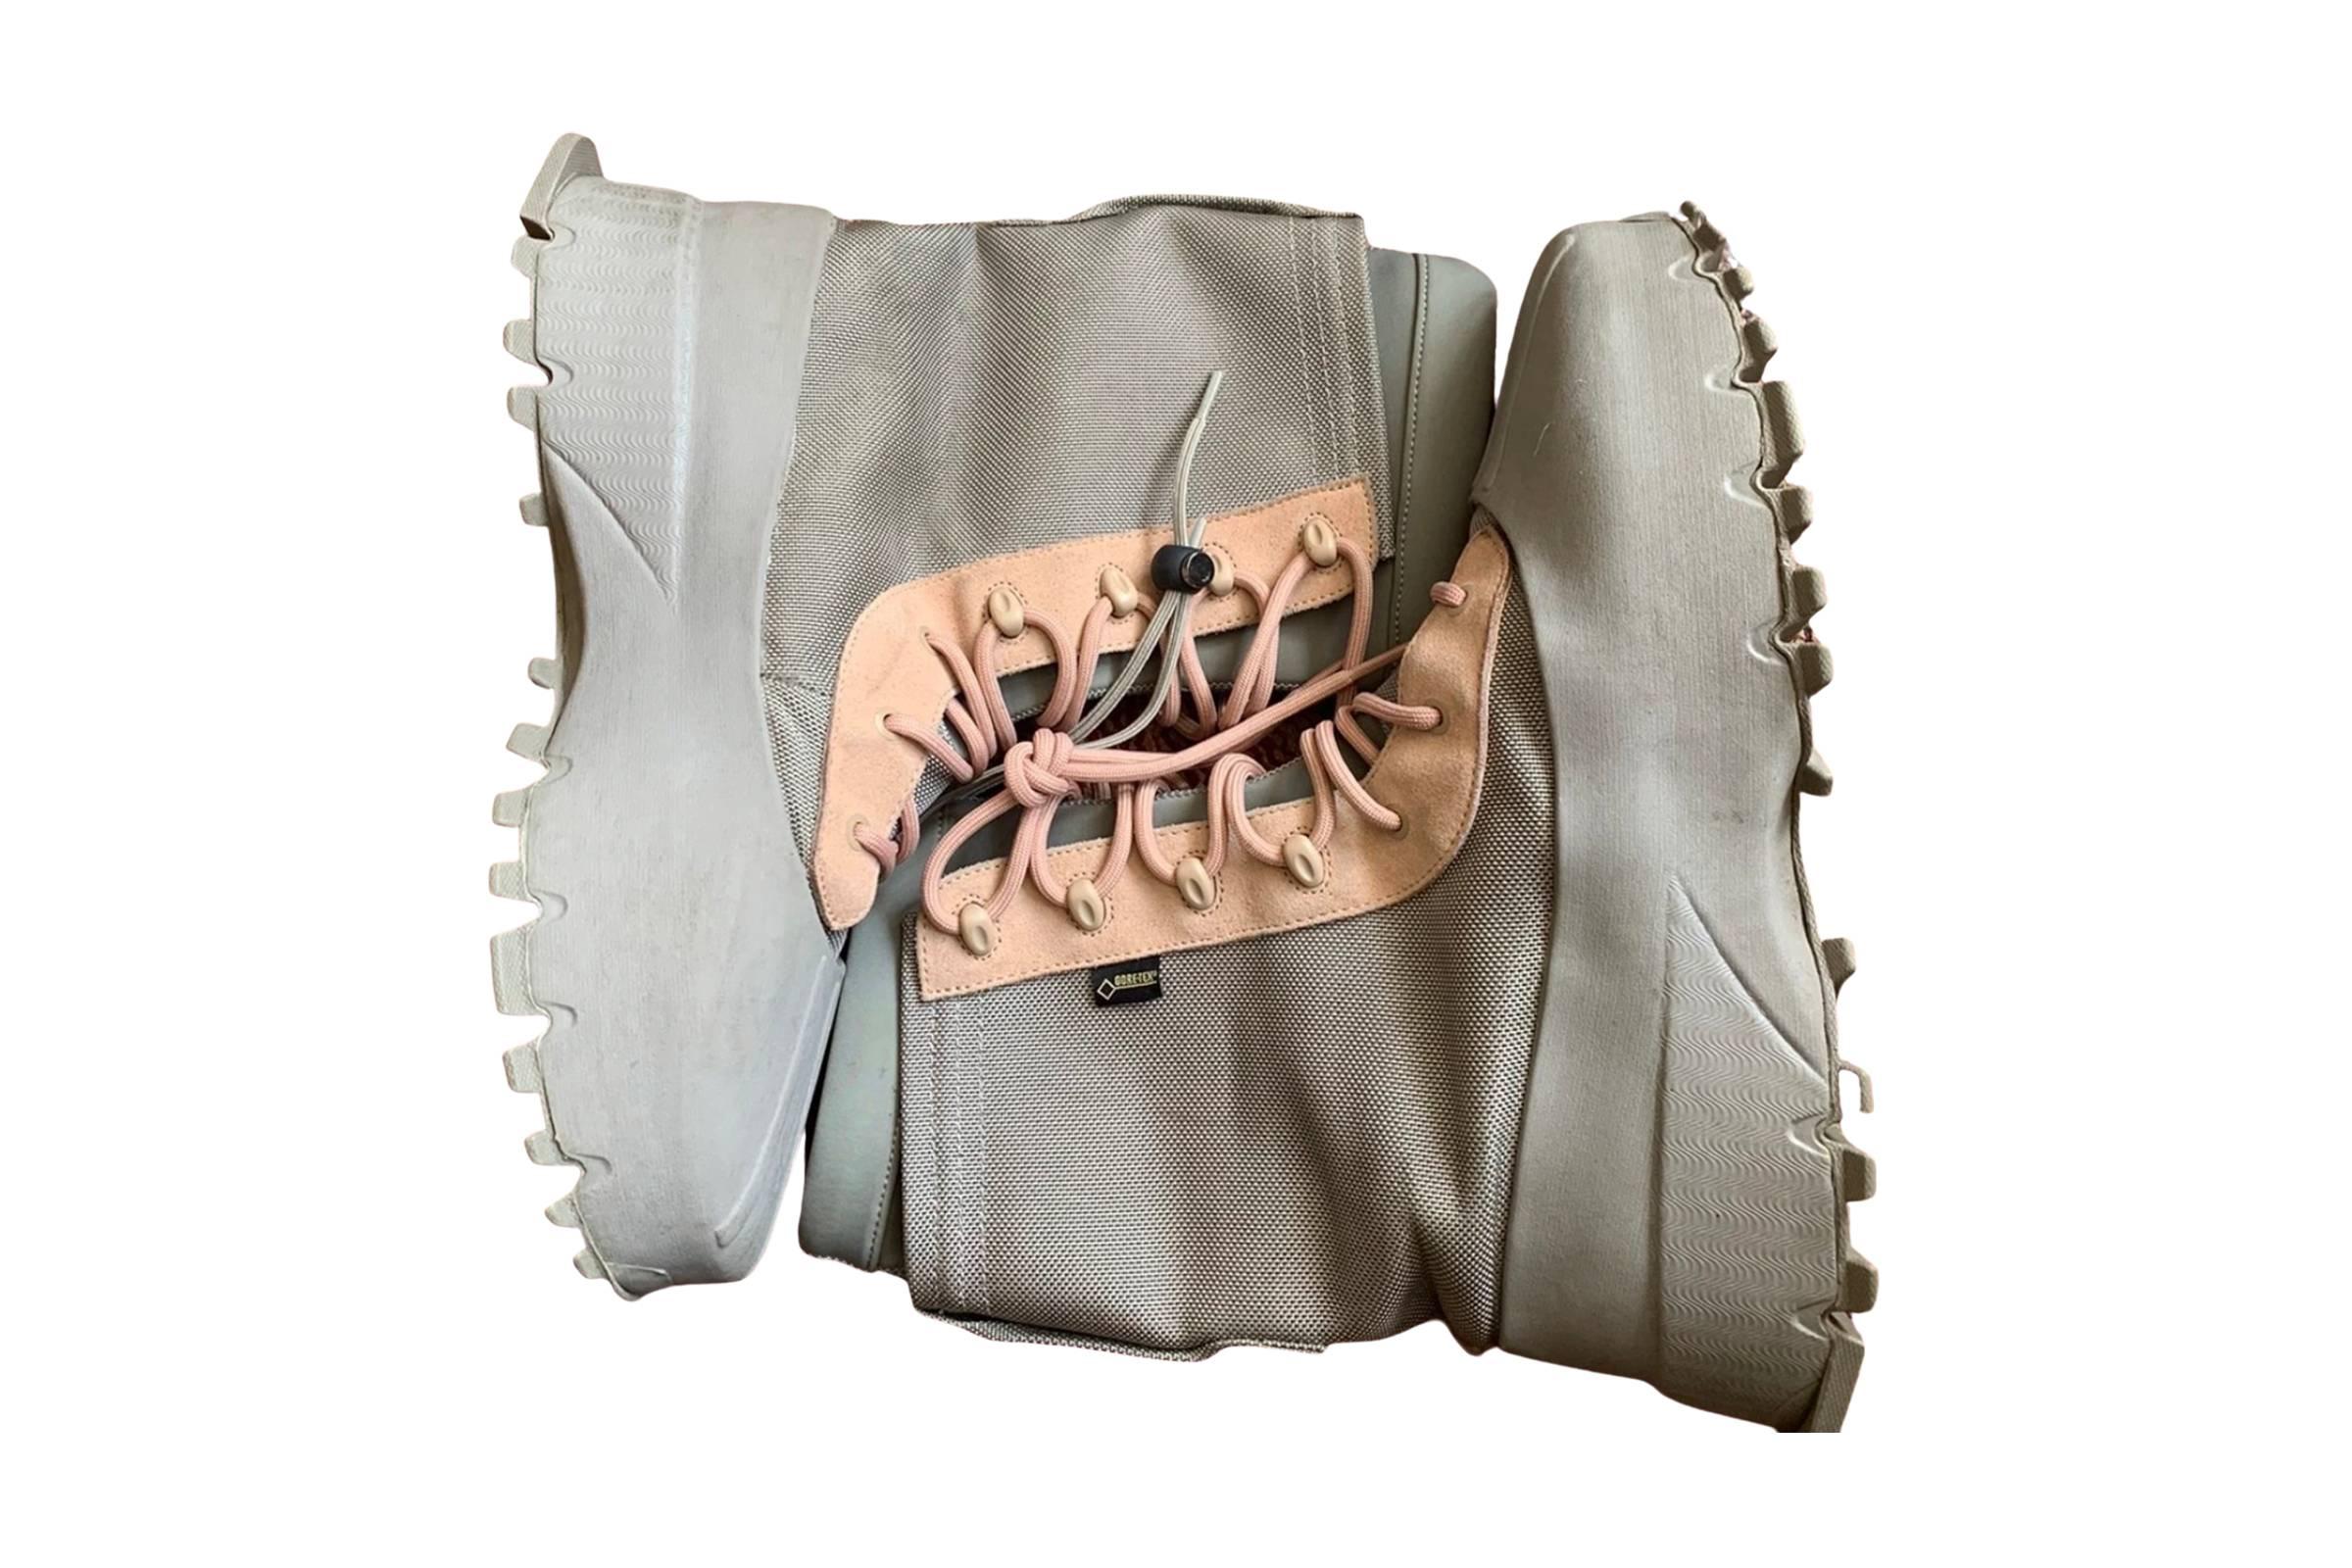 Yeezy Season 3 1050 Boots (Sample)